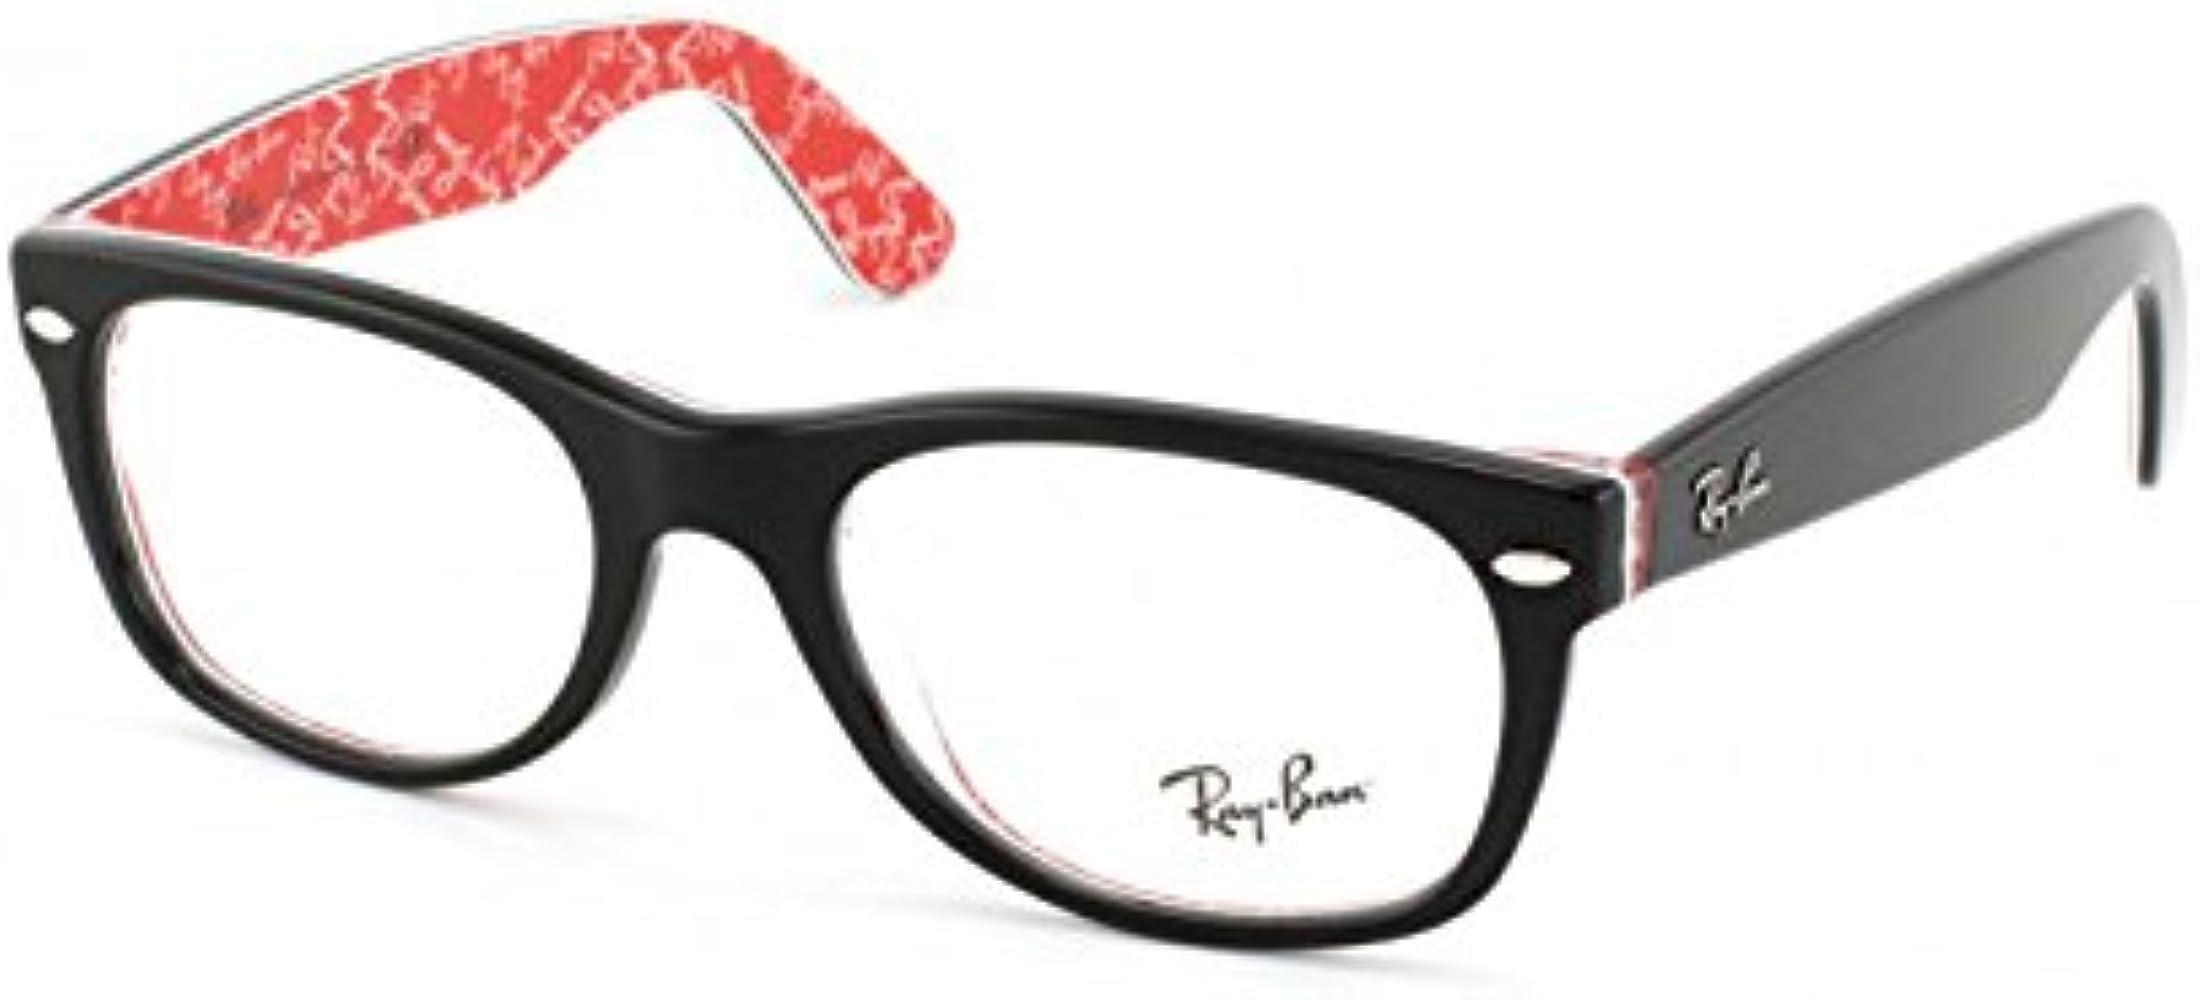 Ray-Ban RX 5184 NEW WAYFARER 2479 52/18 - Gafas de vista, color negro: Amazon.es: Ropa y accesorios